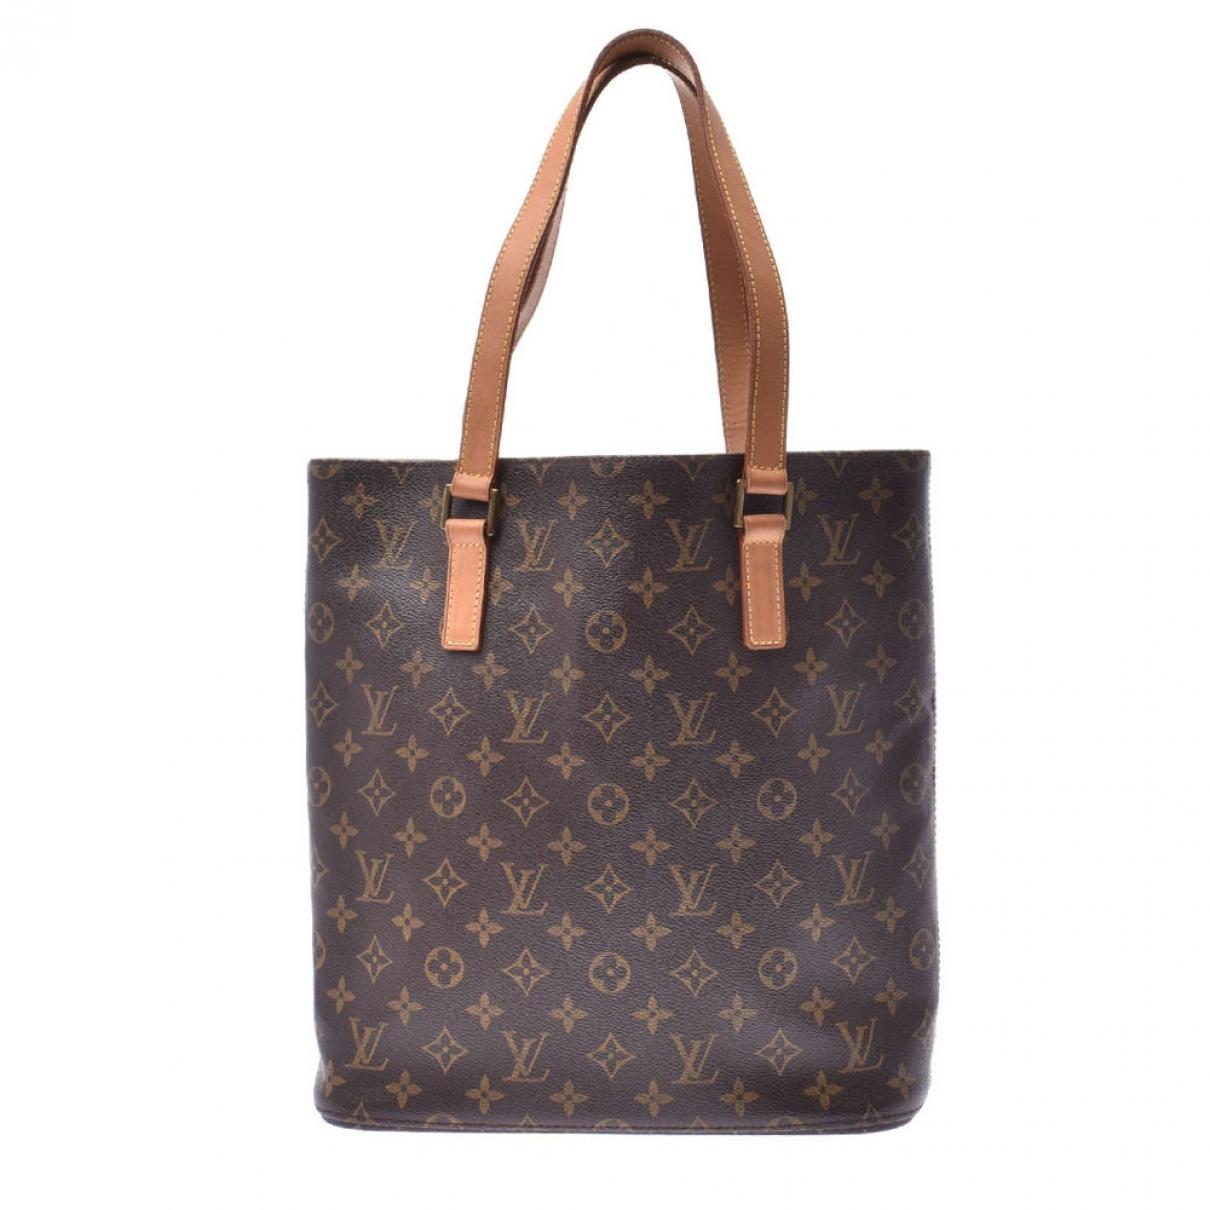 Louis Vuitton - Sac a main Vavin pour femme en toile - marron